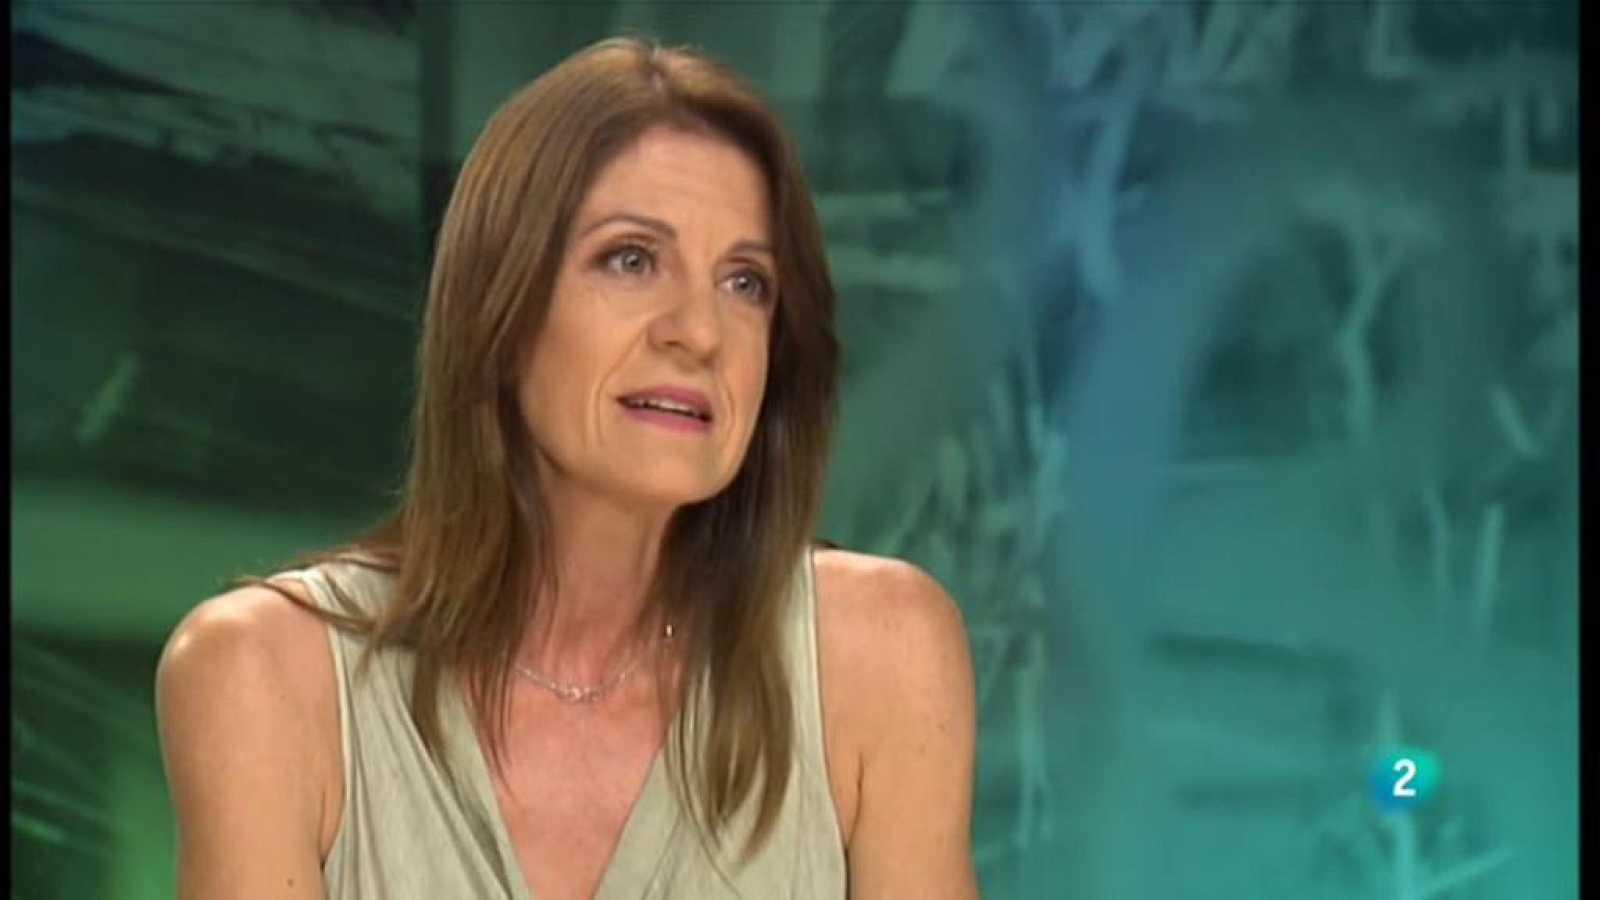 Vídeo de Noms Propis amb l'entrevista a la psicòloga Maribel Martínez